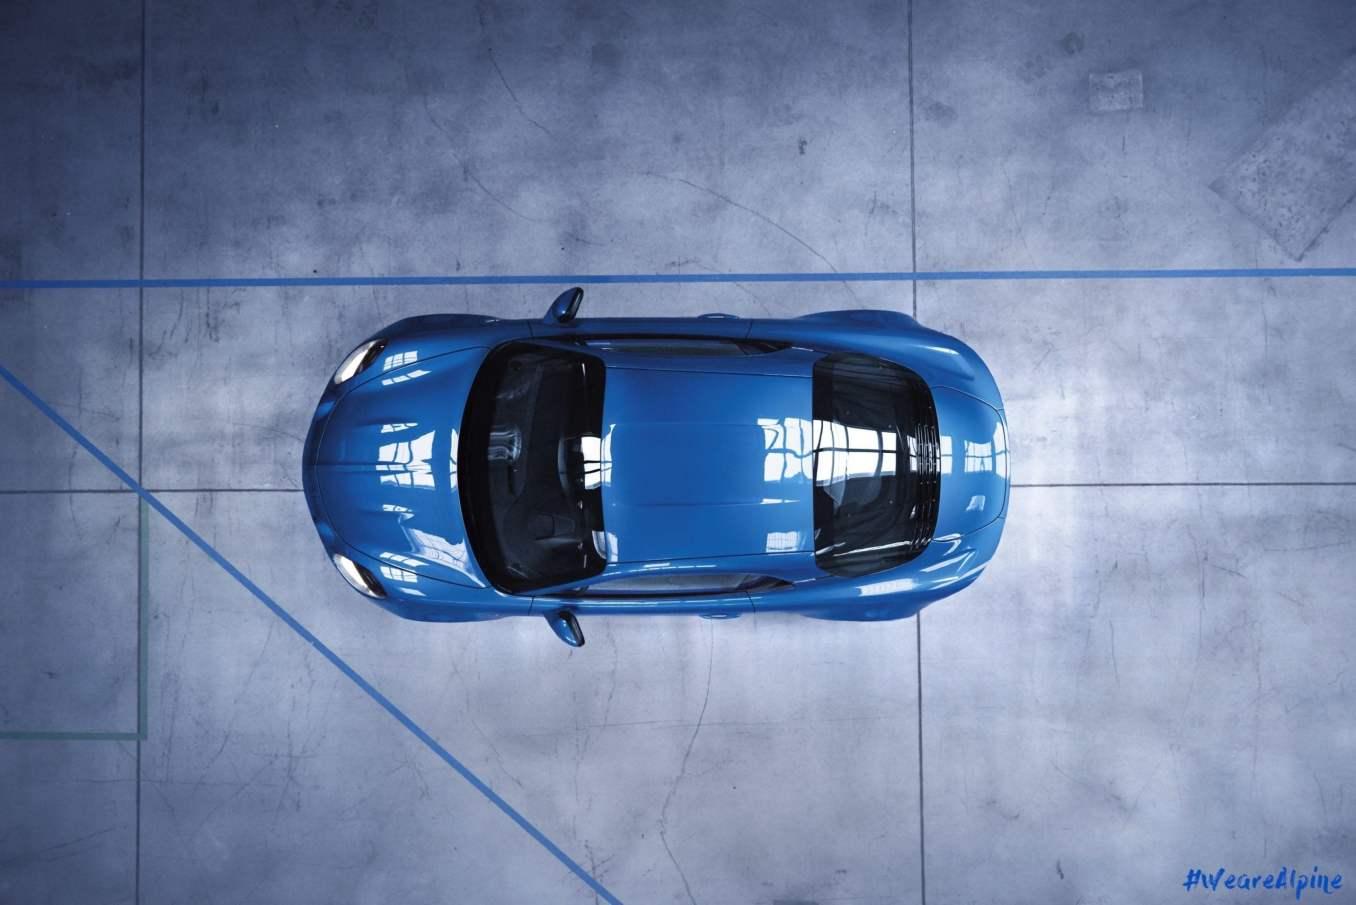 Genève 2017 Alpine A110 Premiere edition officielle 28 imp scaled | Salon de Genève 2017, toutes les informations officielles de l'Alpine A110 !